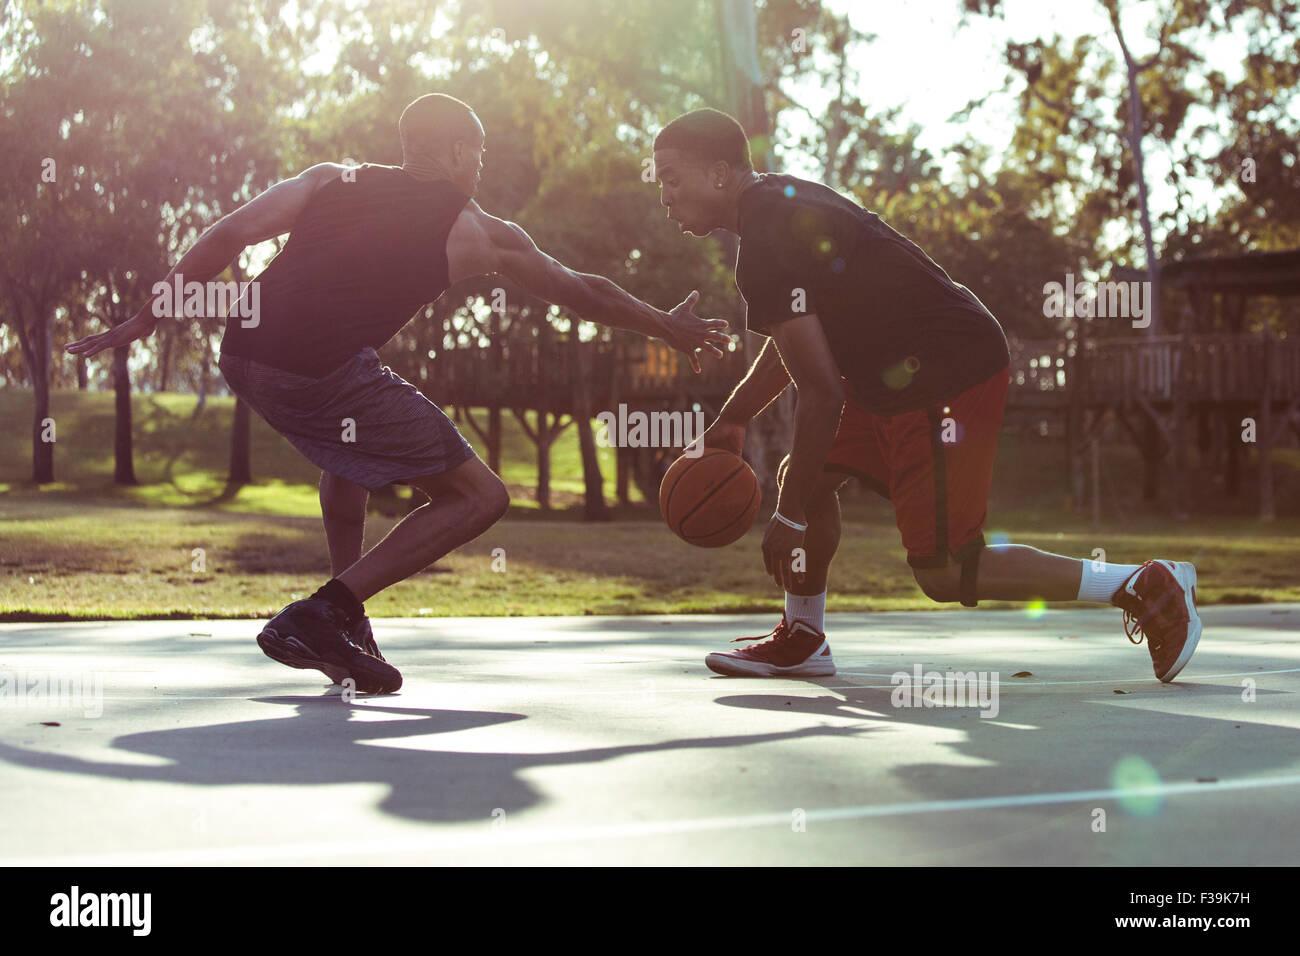 Dos jóvenes jugando baloncesto en el parque al atardecer Imagen De Stock